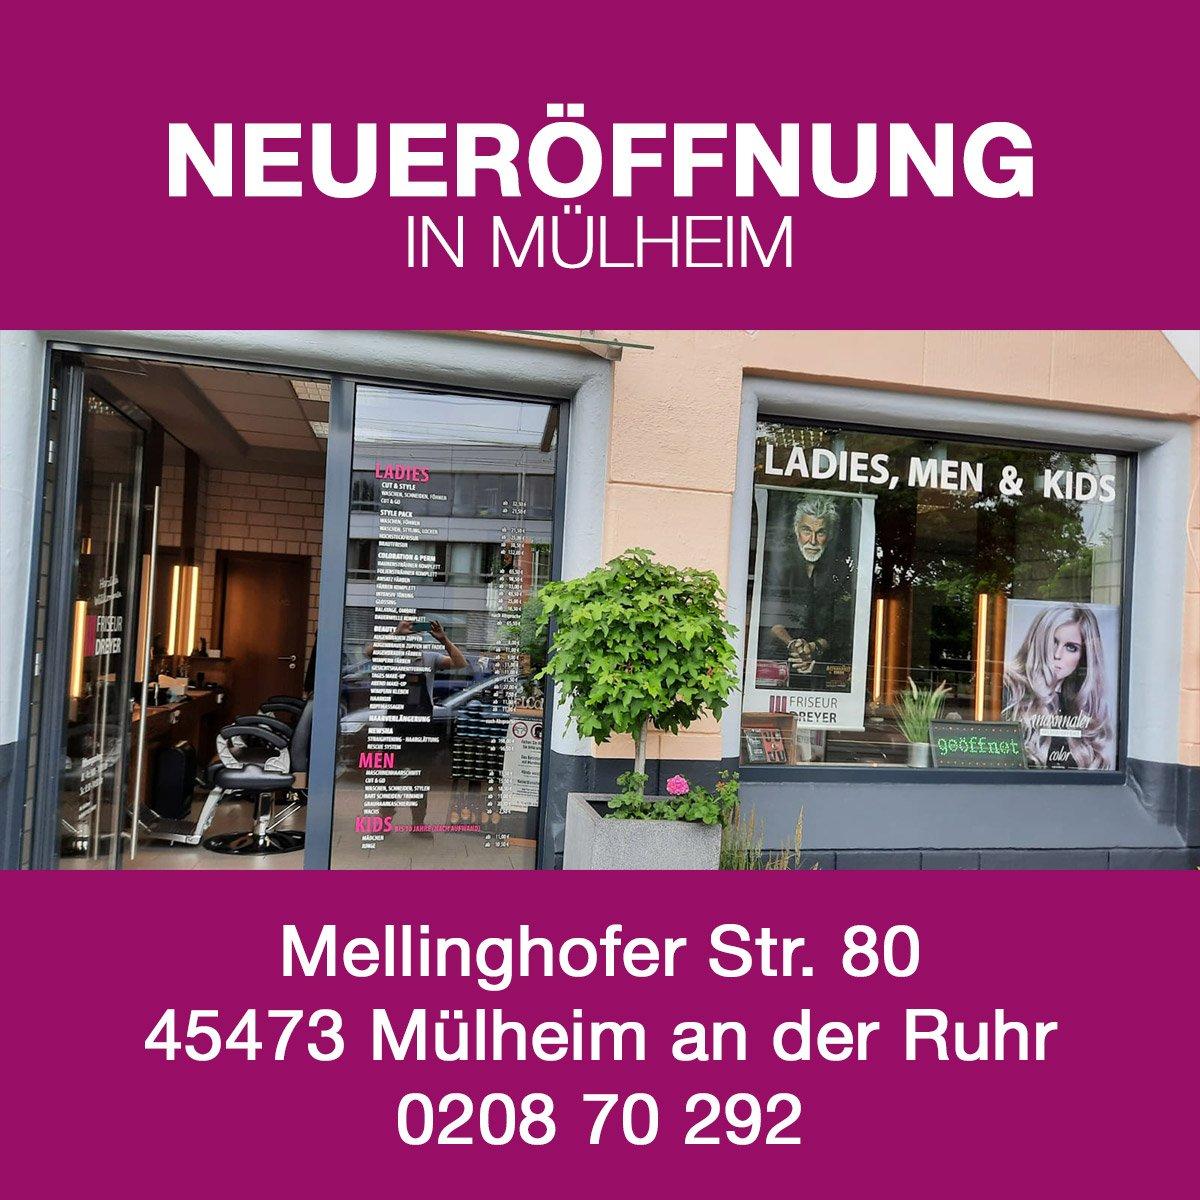 neueroeffnung Friseur Dreyer Muelheim